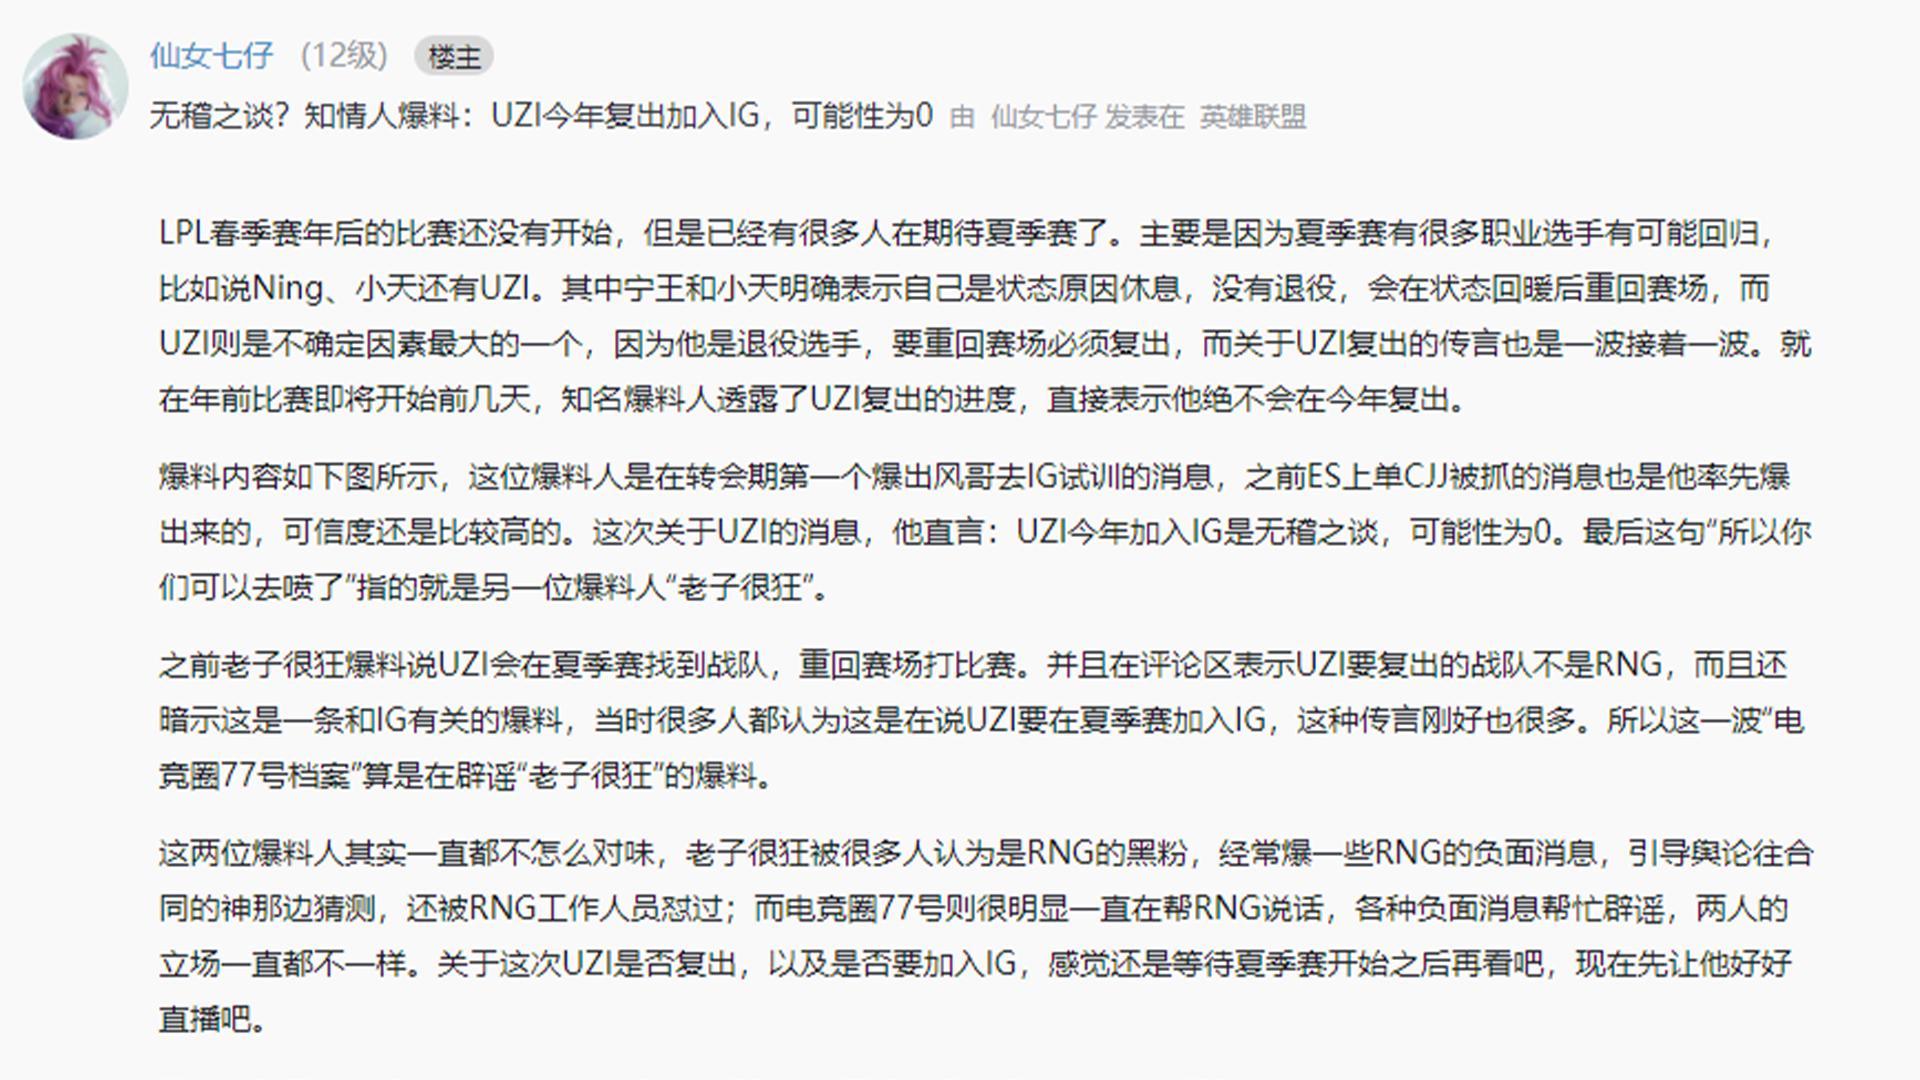 """""""狗粉""""哭了!知情人士爆料UZI复出IG可能性低到0%,只因1原因太不现实"""